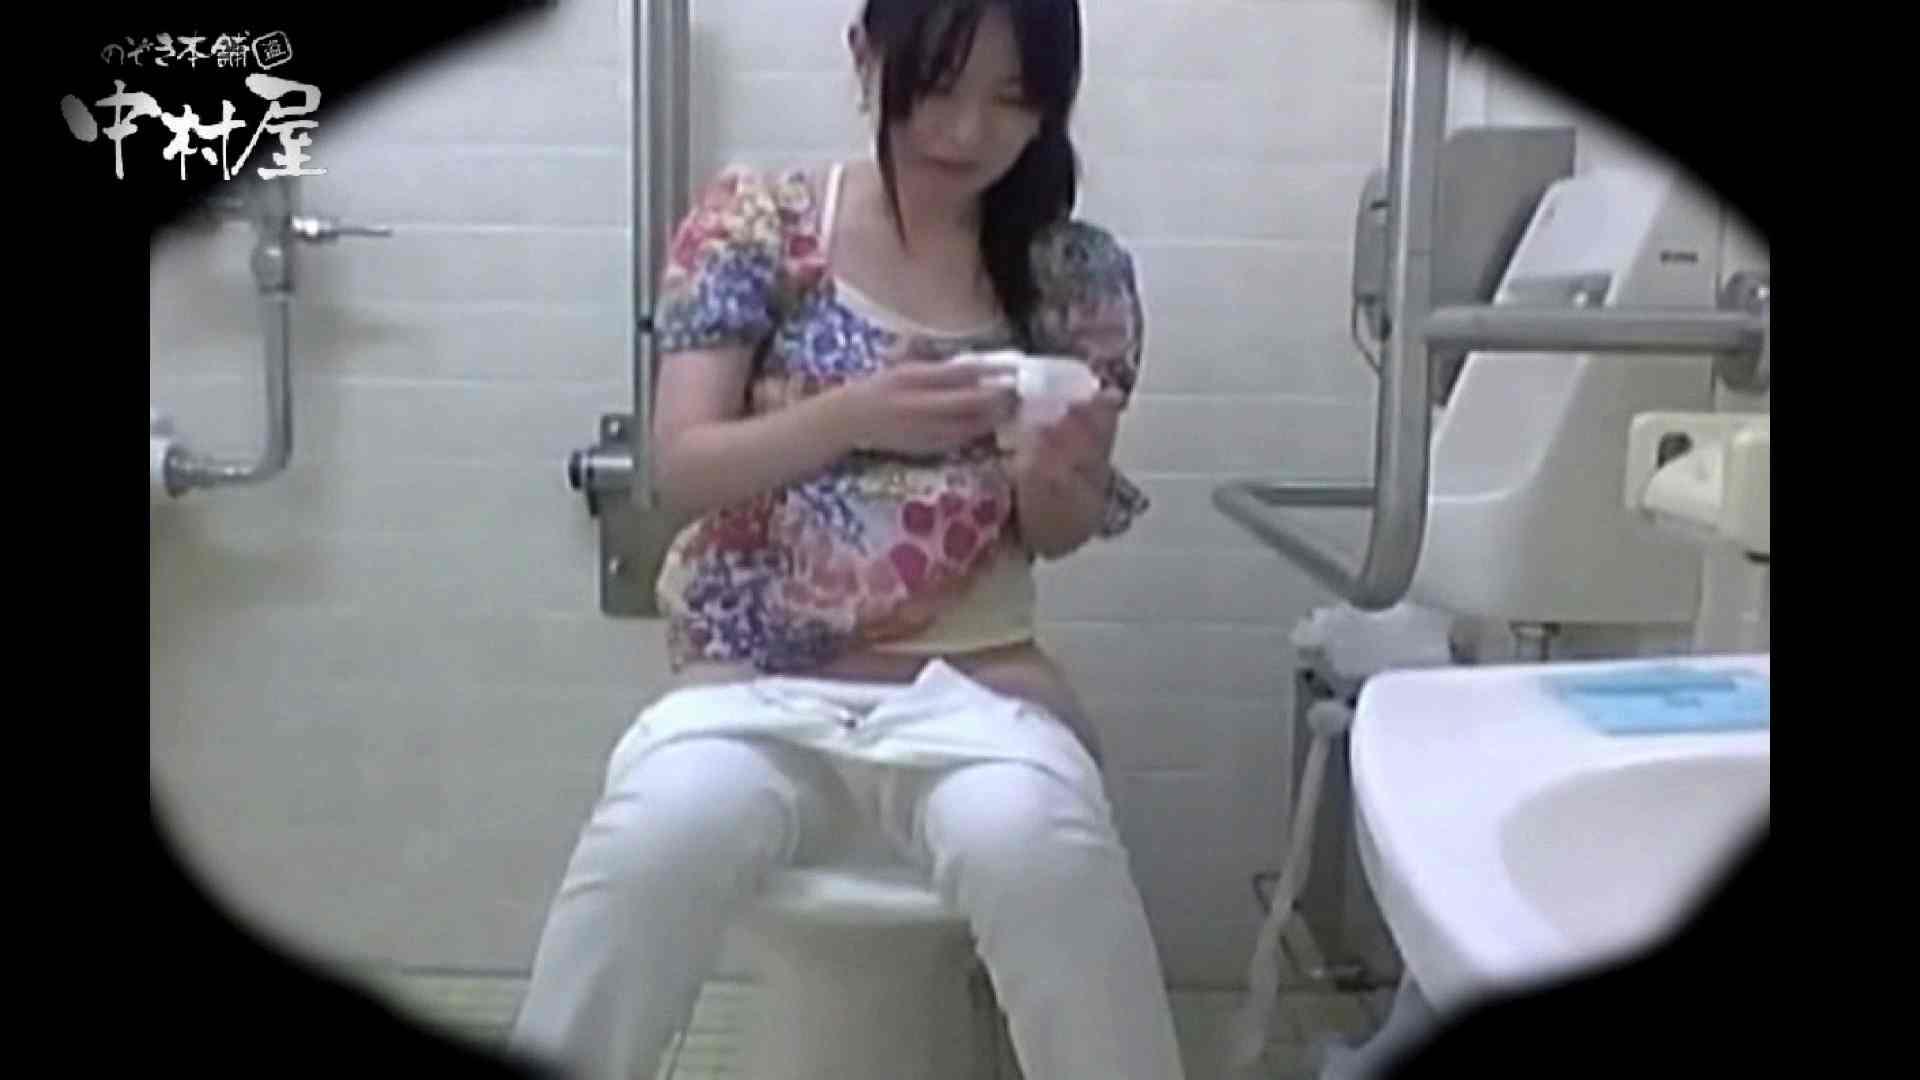 teen galトイレ覗き紙がナイ編‼vol.13 トイレ  59画像 4